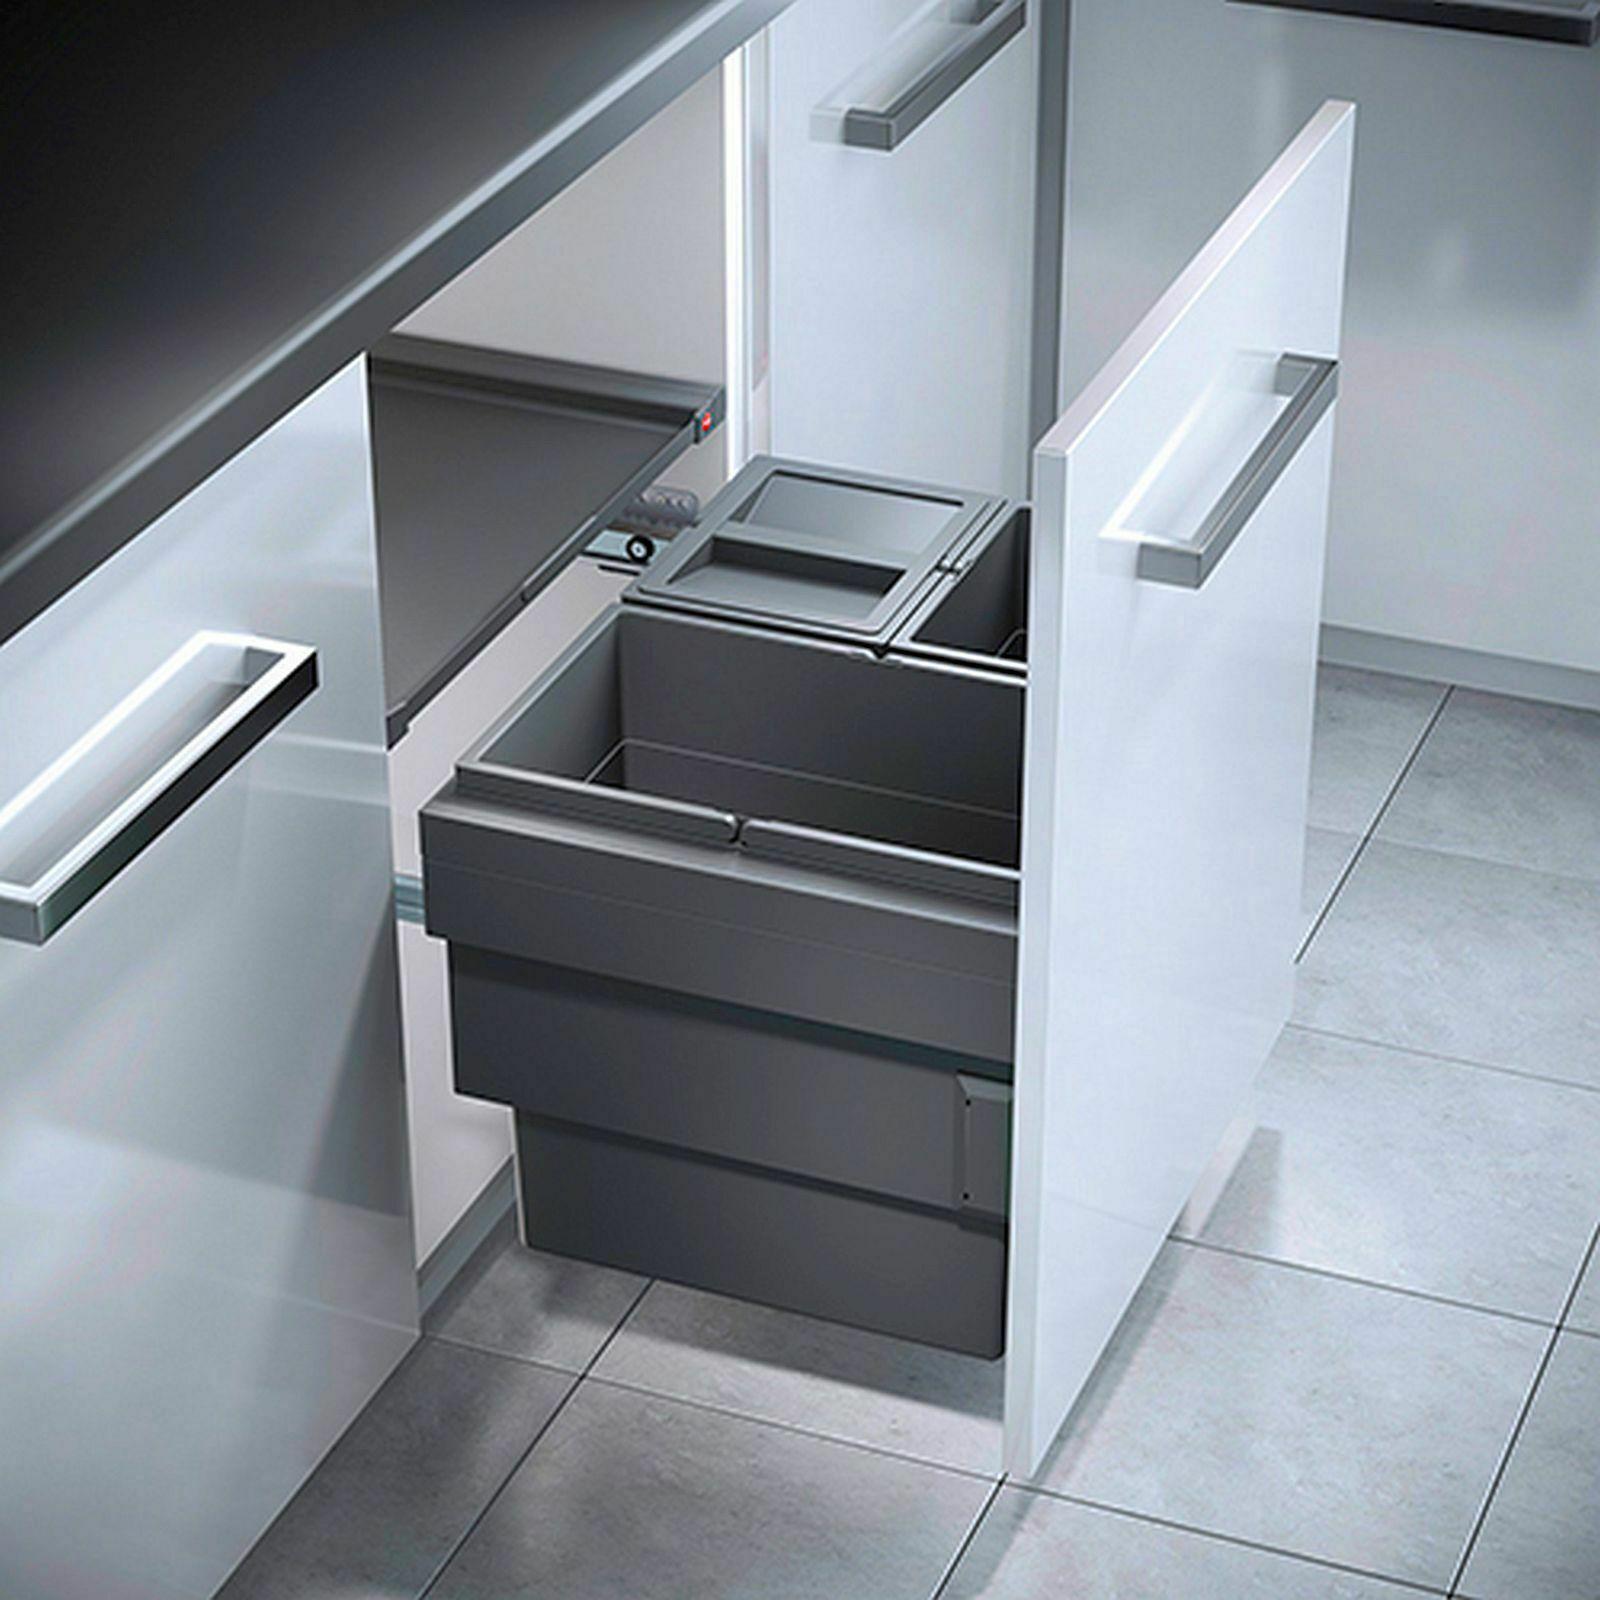 Hailo Cargo-Synchro Mülleimer Küche Einbau-Abfallsystem 60 cm ...